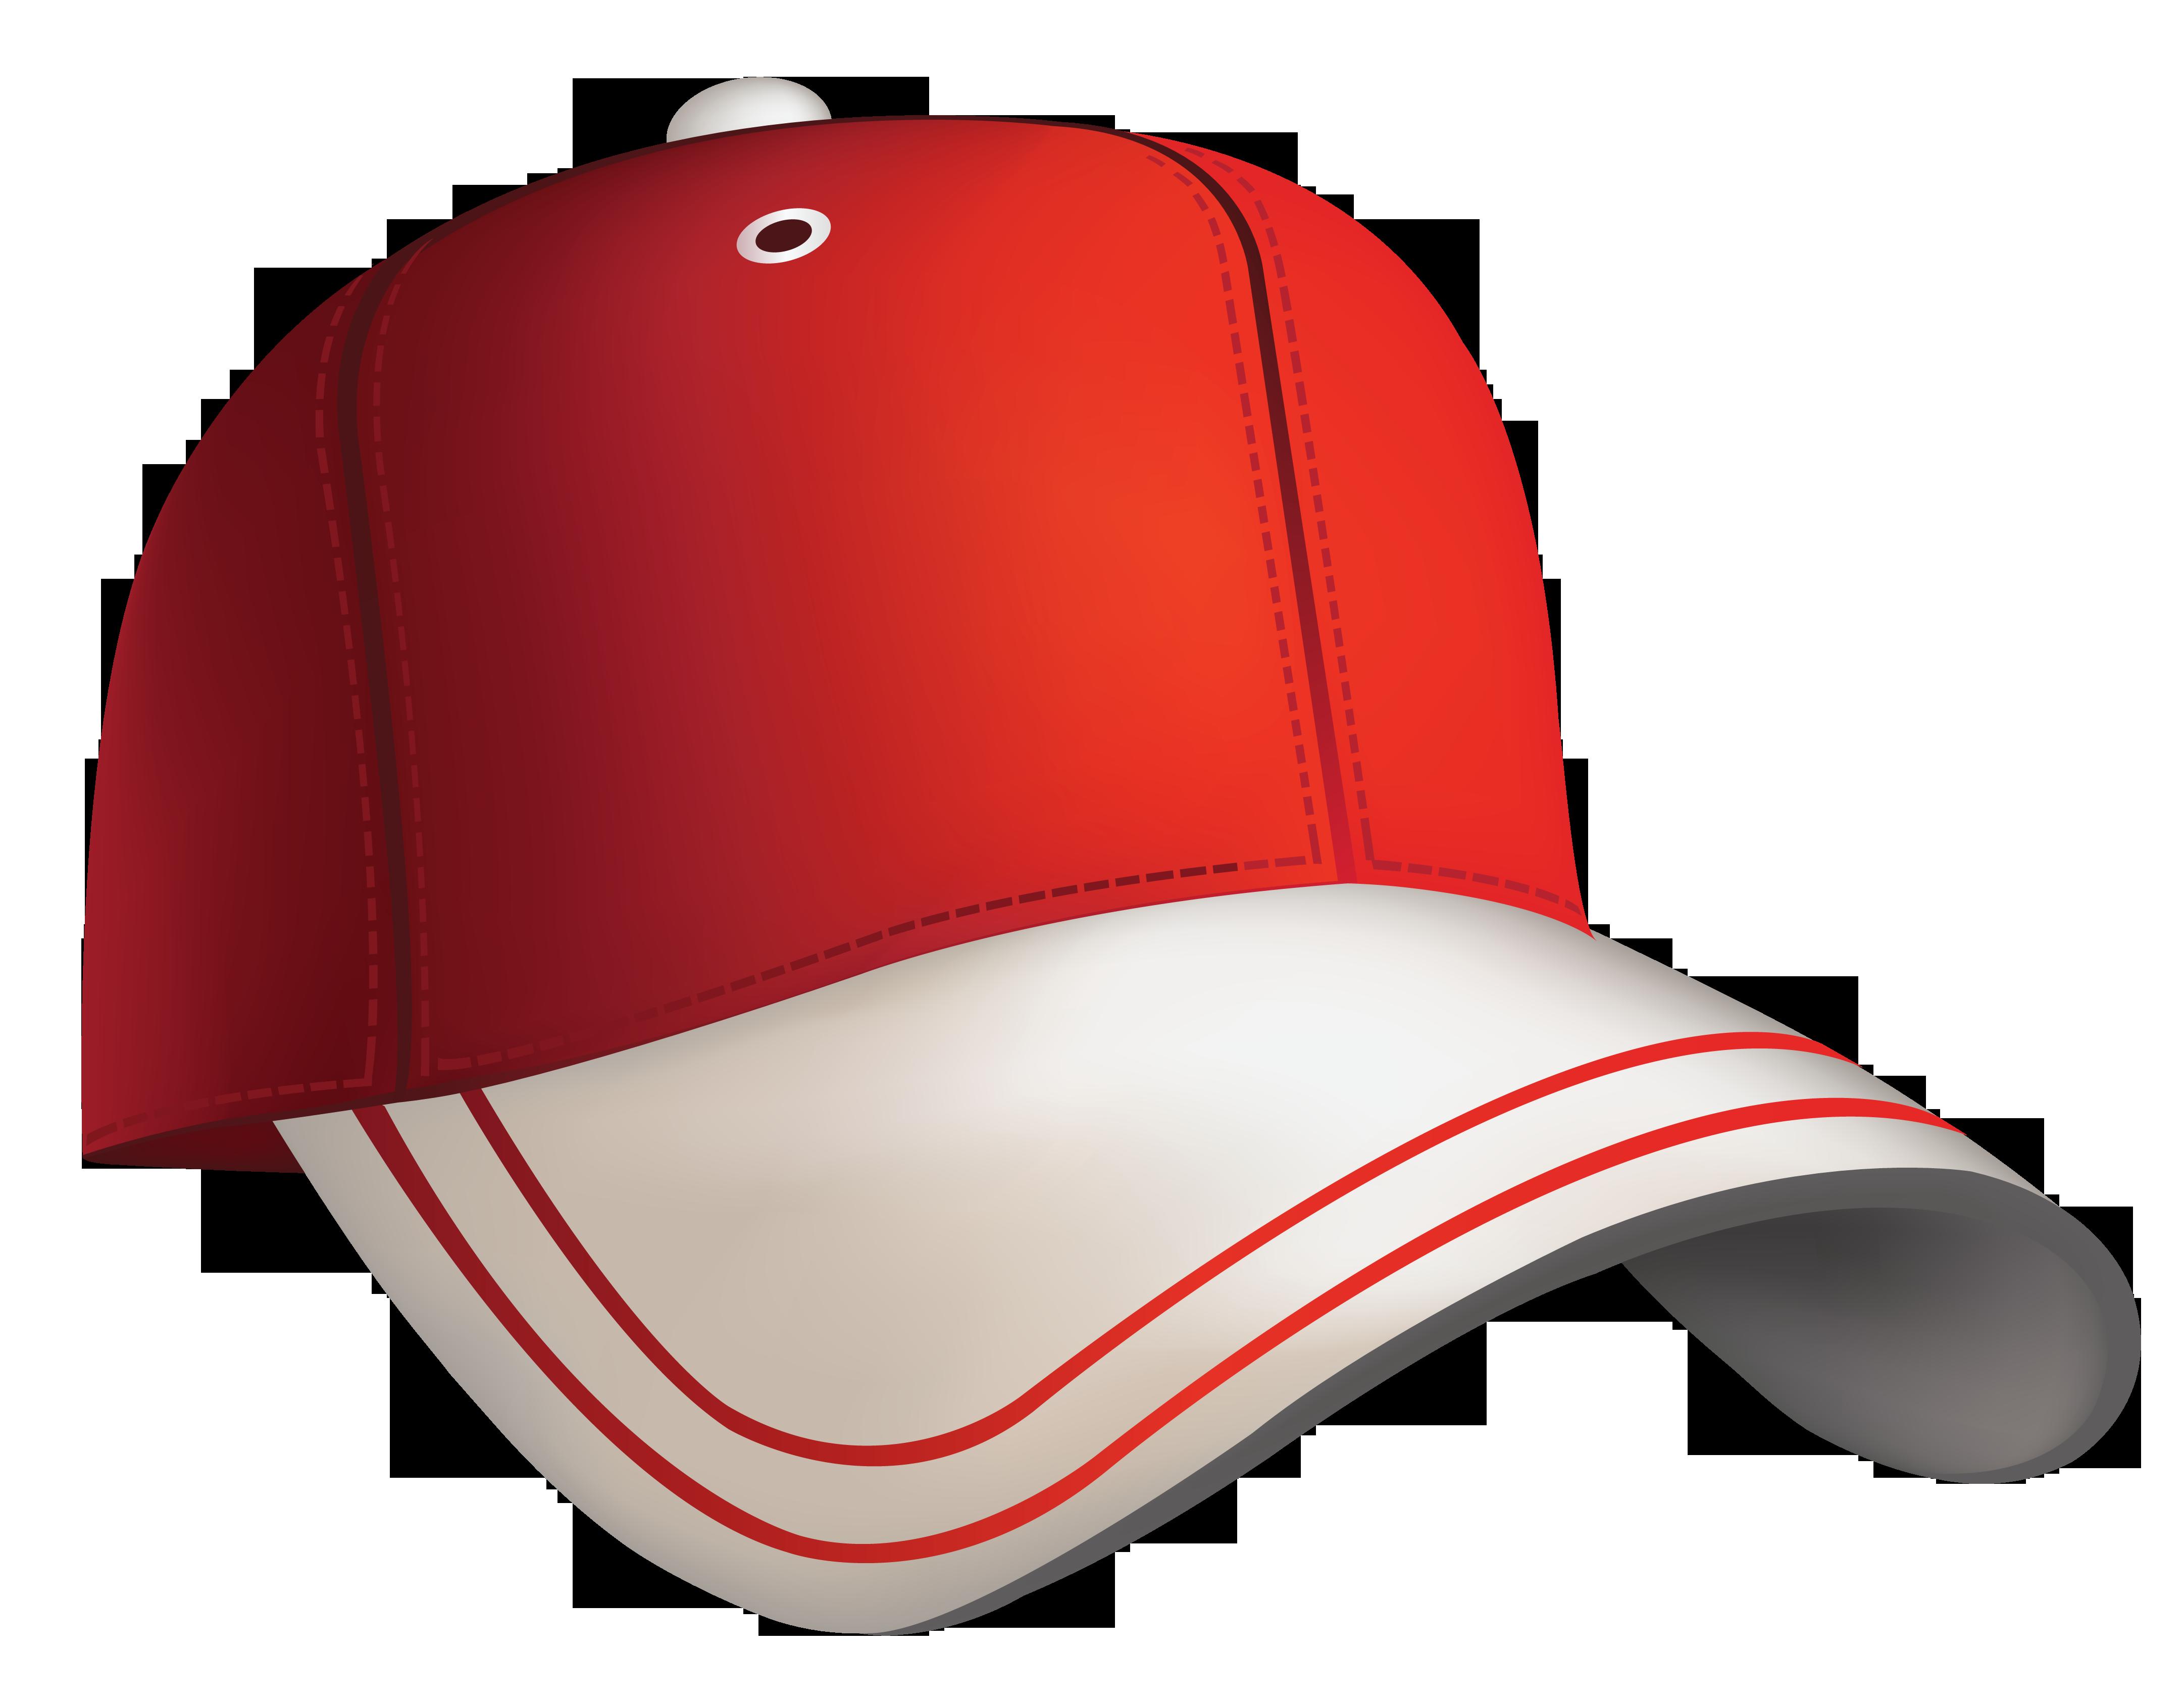 Download Png Image Baseball Cap Png Imag-Download Png Image Baseball Cap Png Image-6